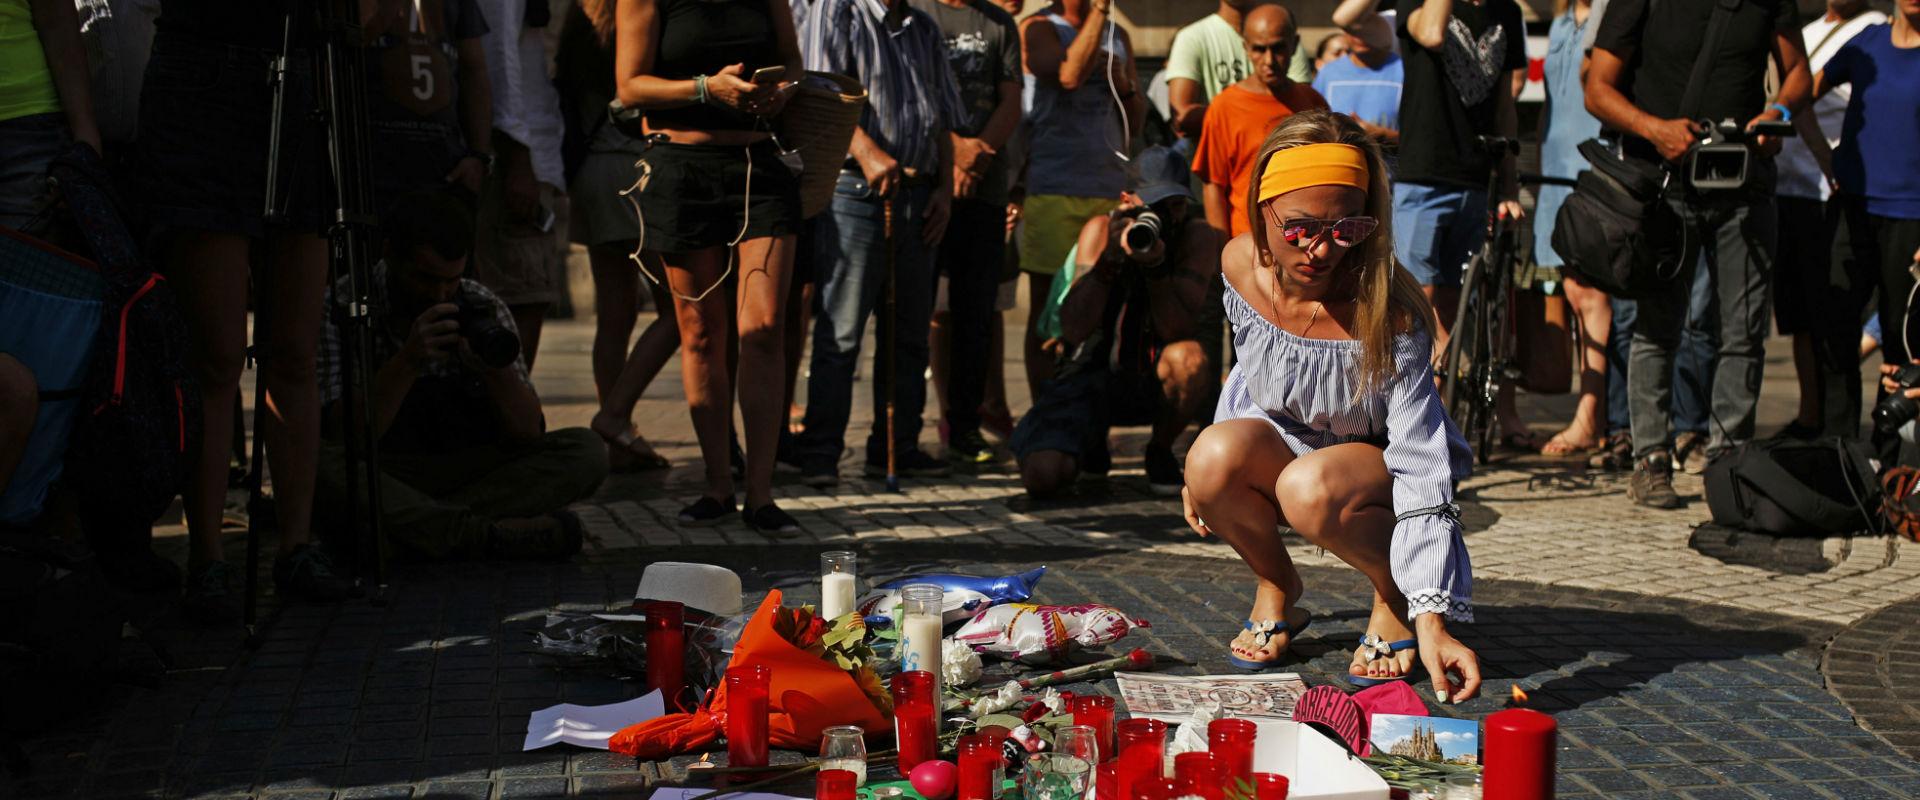 אבלים בזירת פיגוע הדריסה בברצלונה